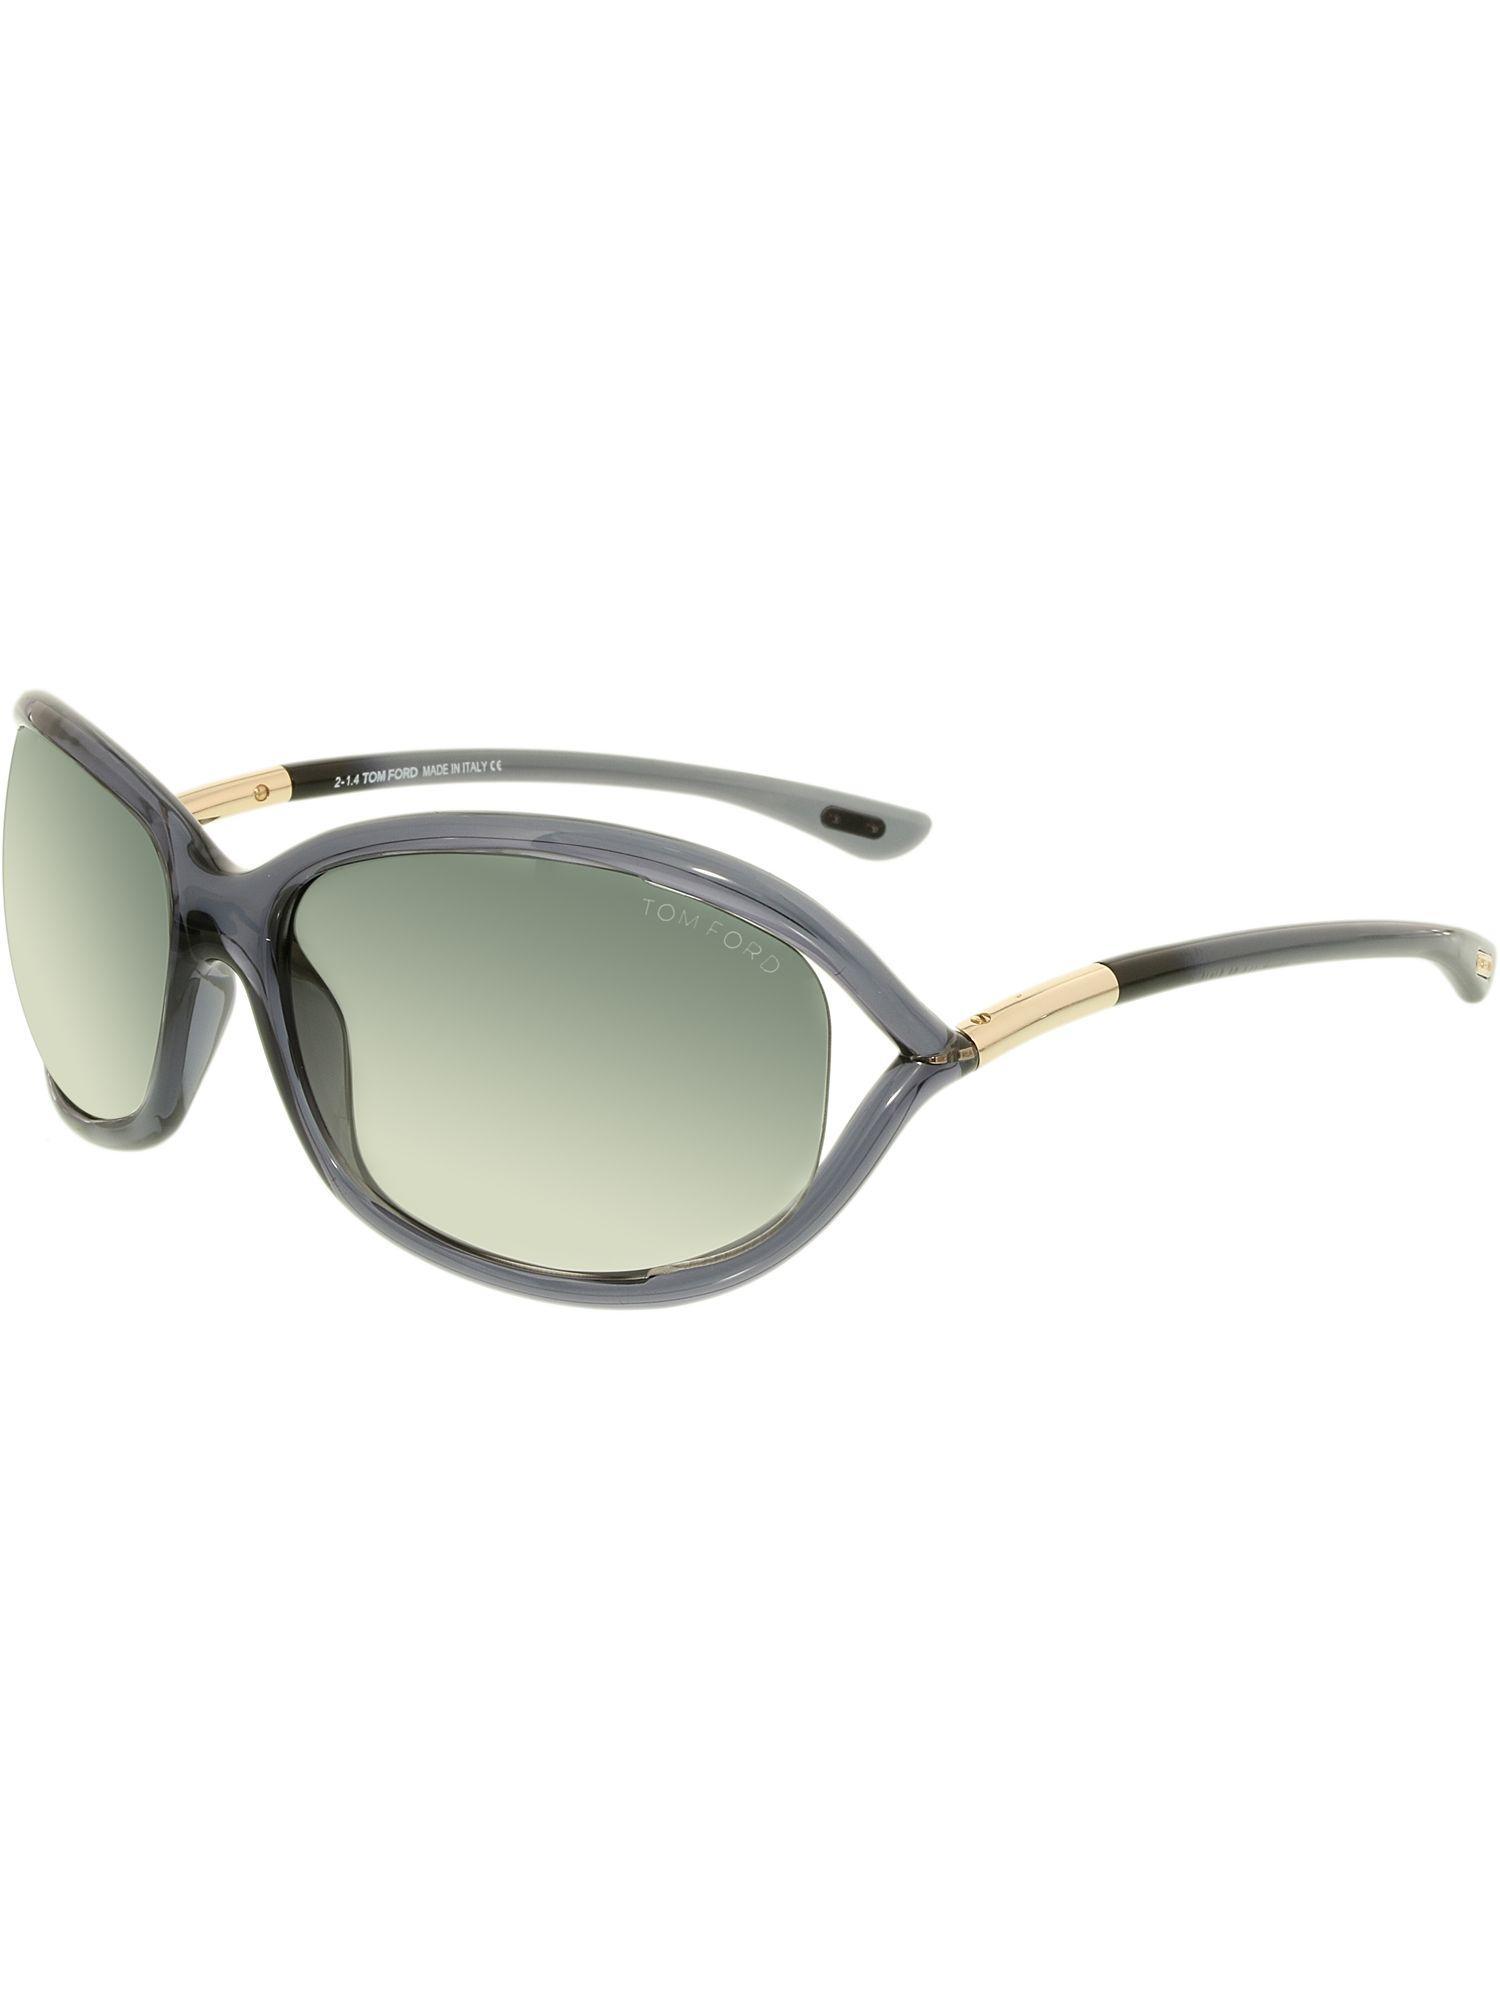 258dfe61b2f0 Tom Ford - Women s Gradient Jennifer Ft0008-0b5-61 Black Square Sunglasses  - Lyst. View fullscreen